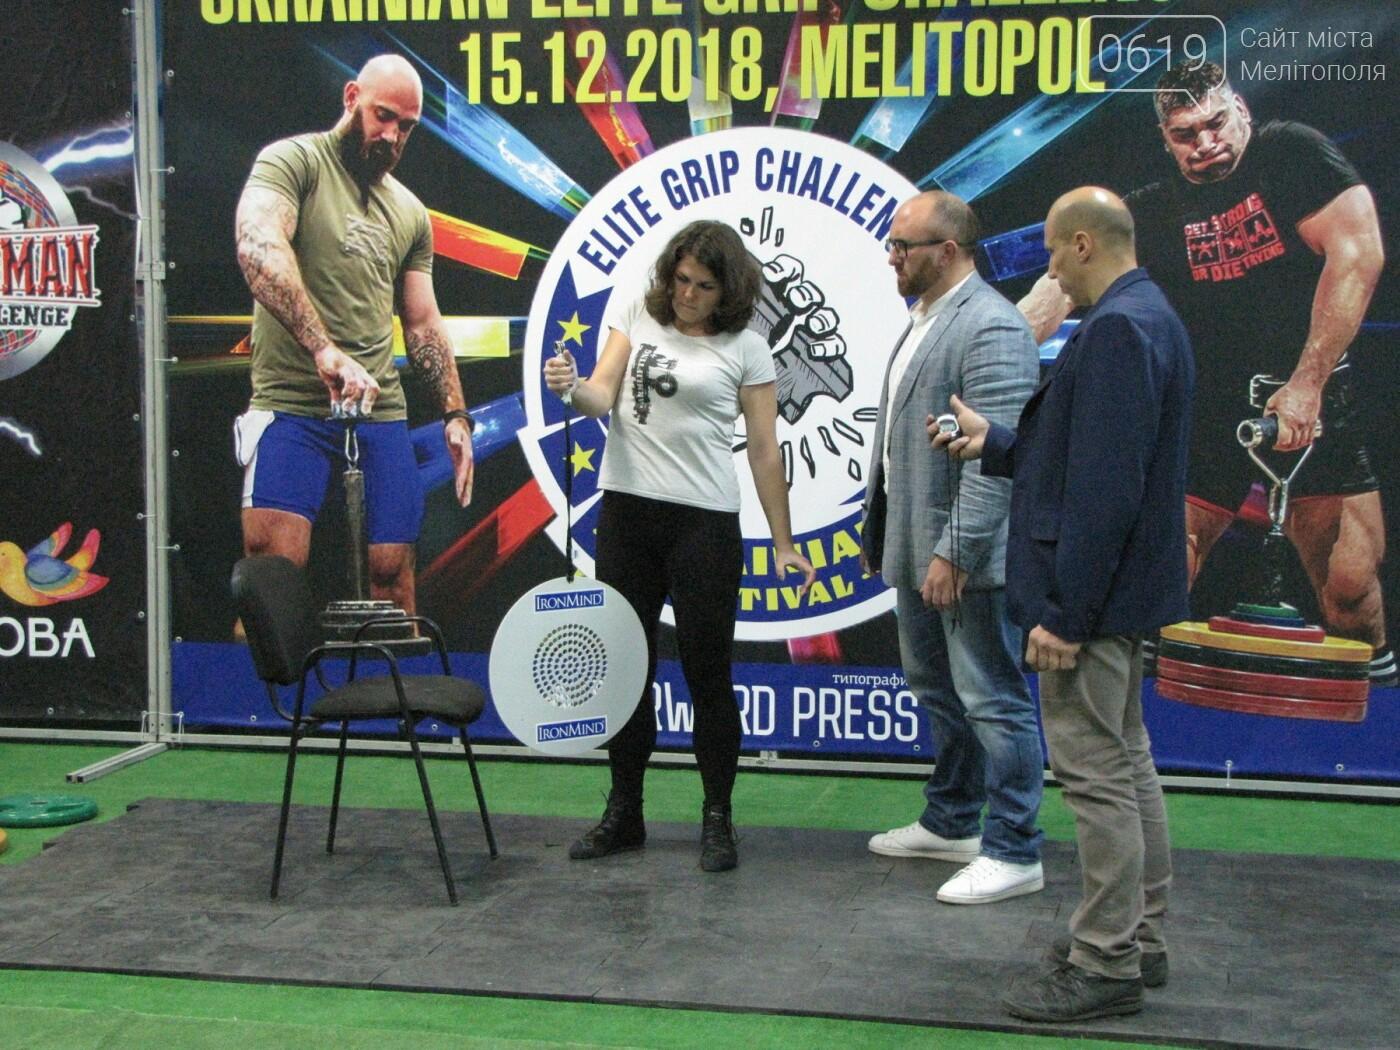 В Мелитополе сильнейшие атлеты соревновались в силе хвата, фото-19